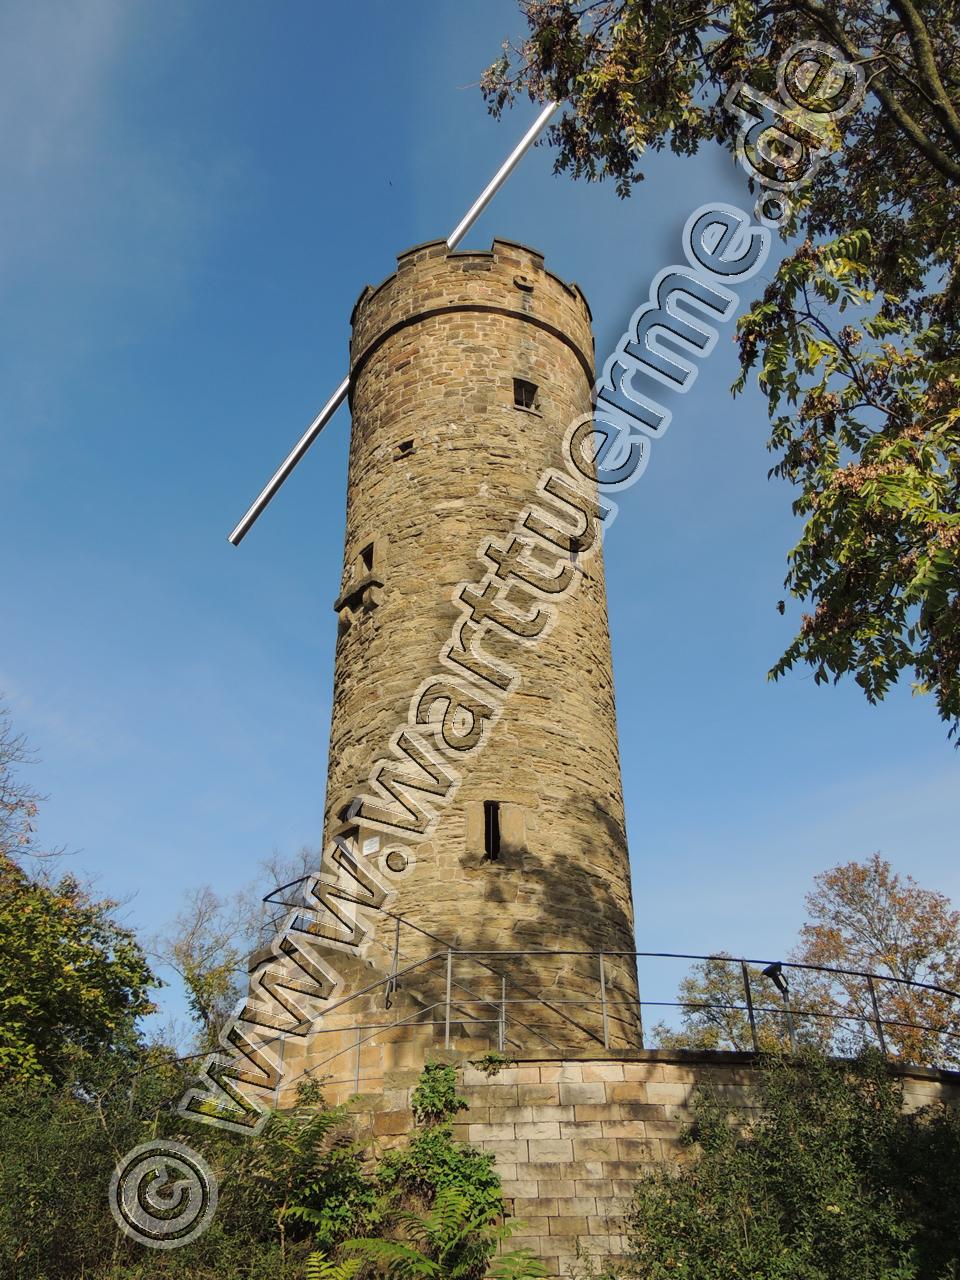 wartbergturm-heilbronn-1280px